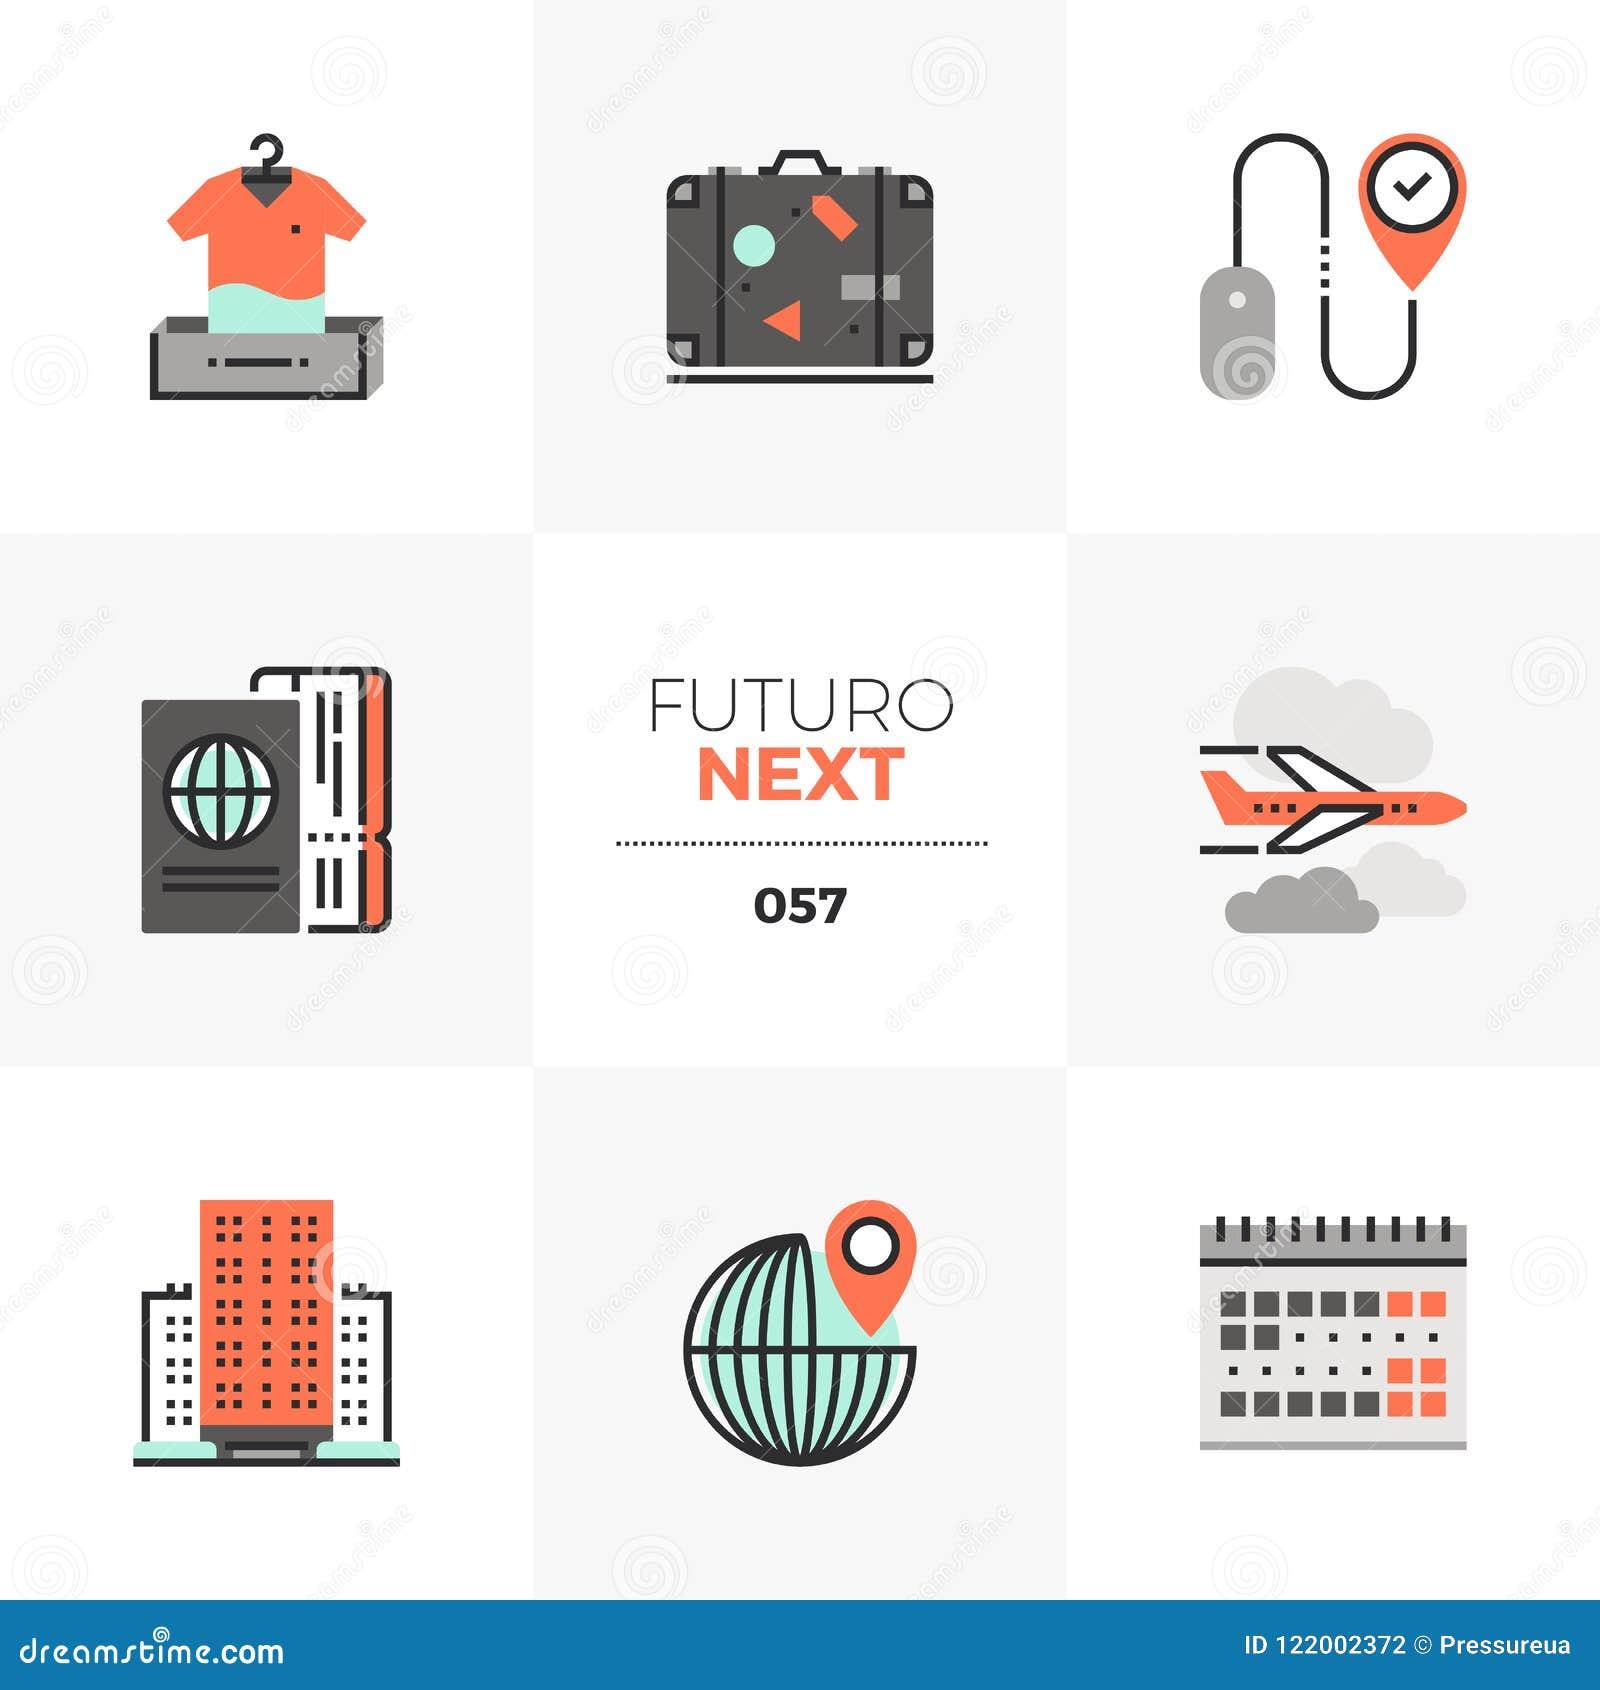 Lopp som planerar Futuro nästa symboler